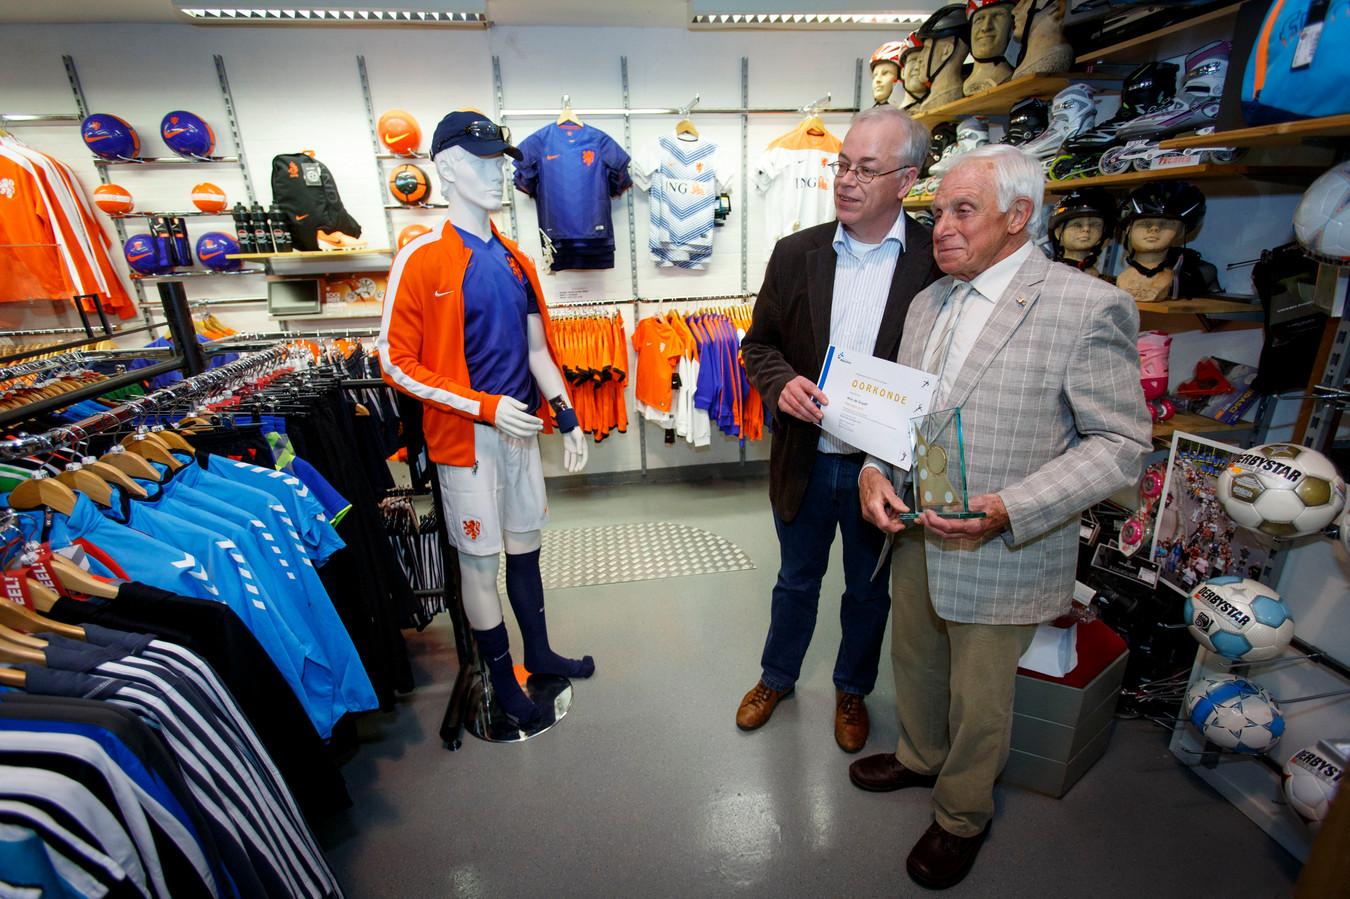 Wim de Graaff (rechts) met de MSR-Award, die hij in 2014 ontving uit handen van toenmalig sportwethouder Gerard van der Wees.